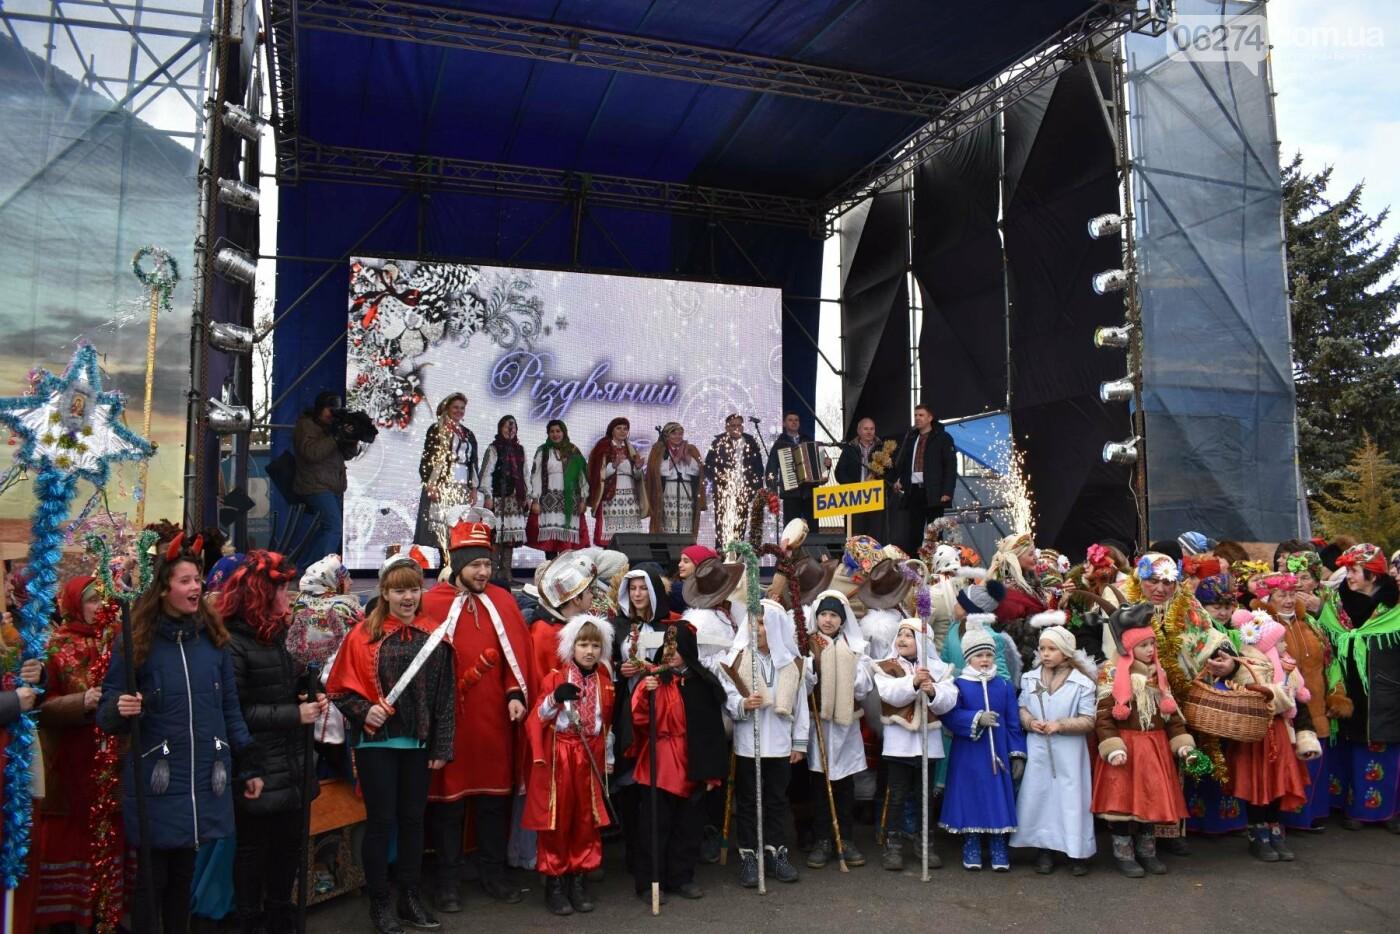 Бахмутские коллективы приняли участие в фестивале вертепов «Рождественский перезвон», фото-26